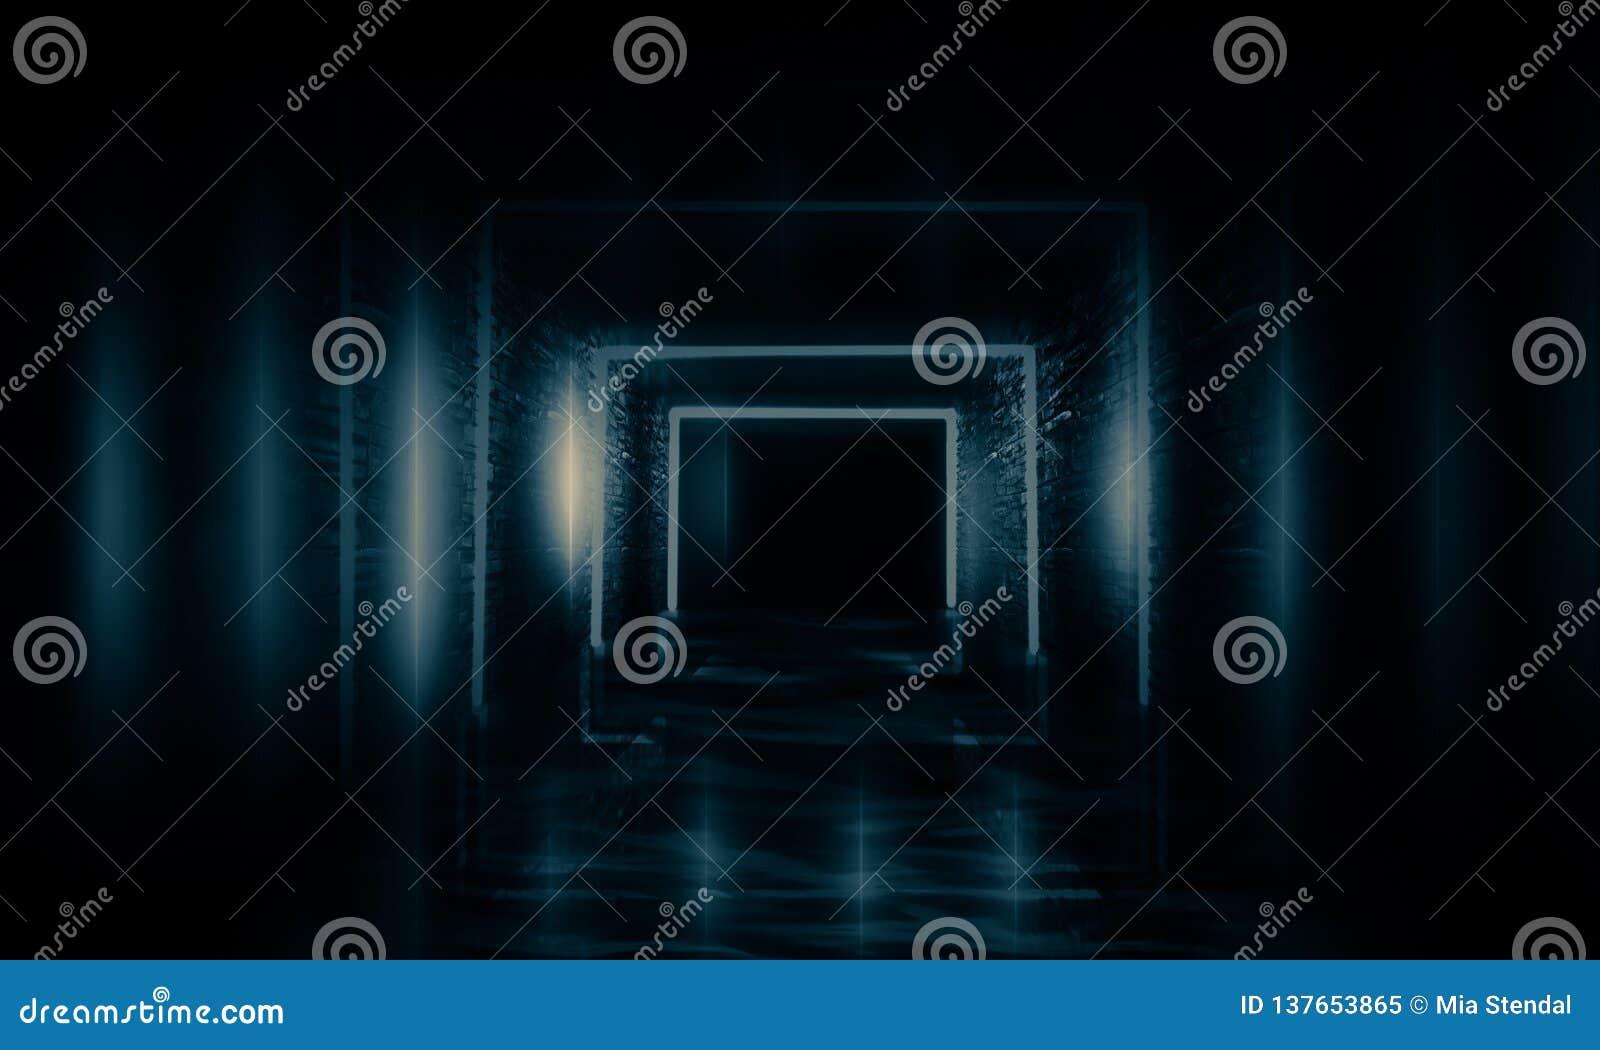 Túnel vazio, velho abstrato, corredor, arco, sala escura, iluminação de néon, fumo grosso, poluição atmosférica